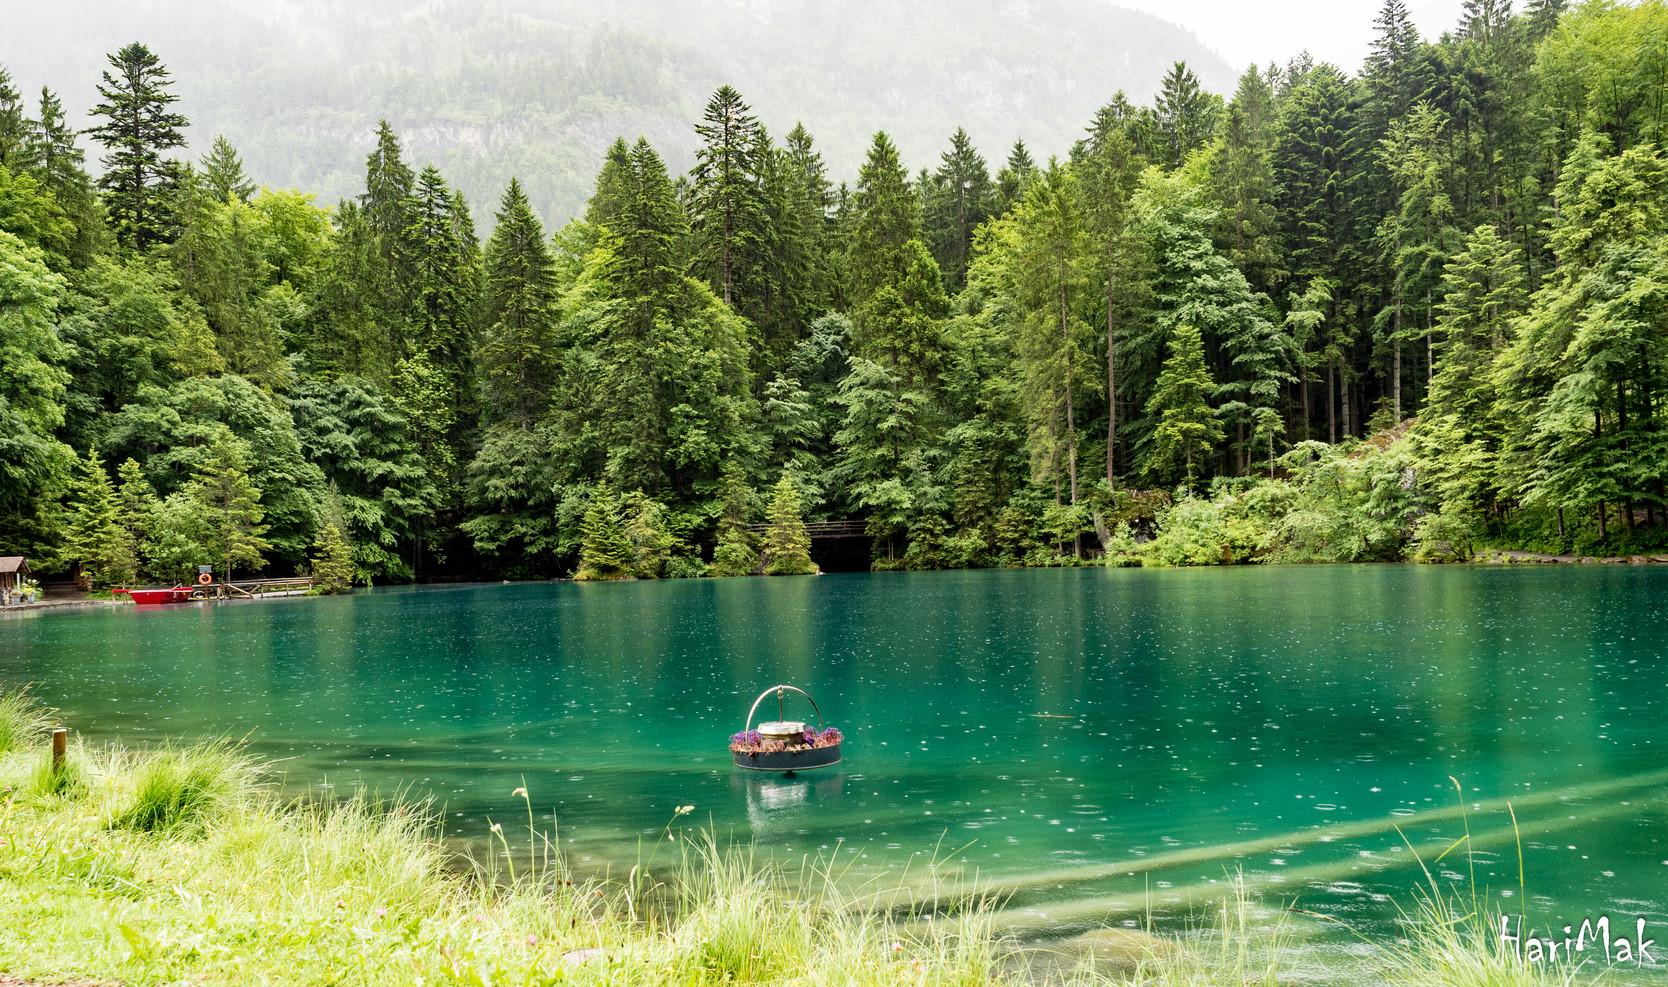 Blauer see, switzerland